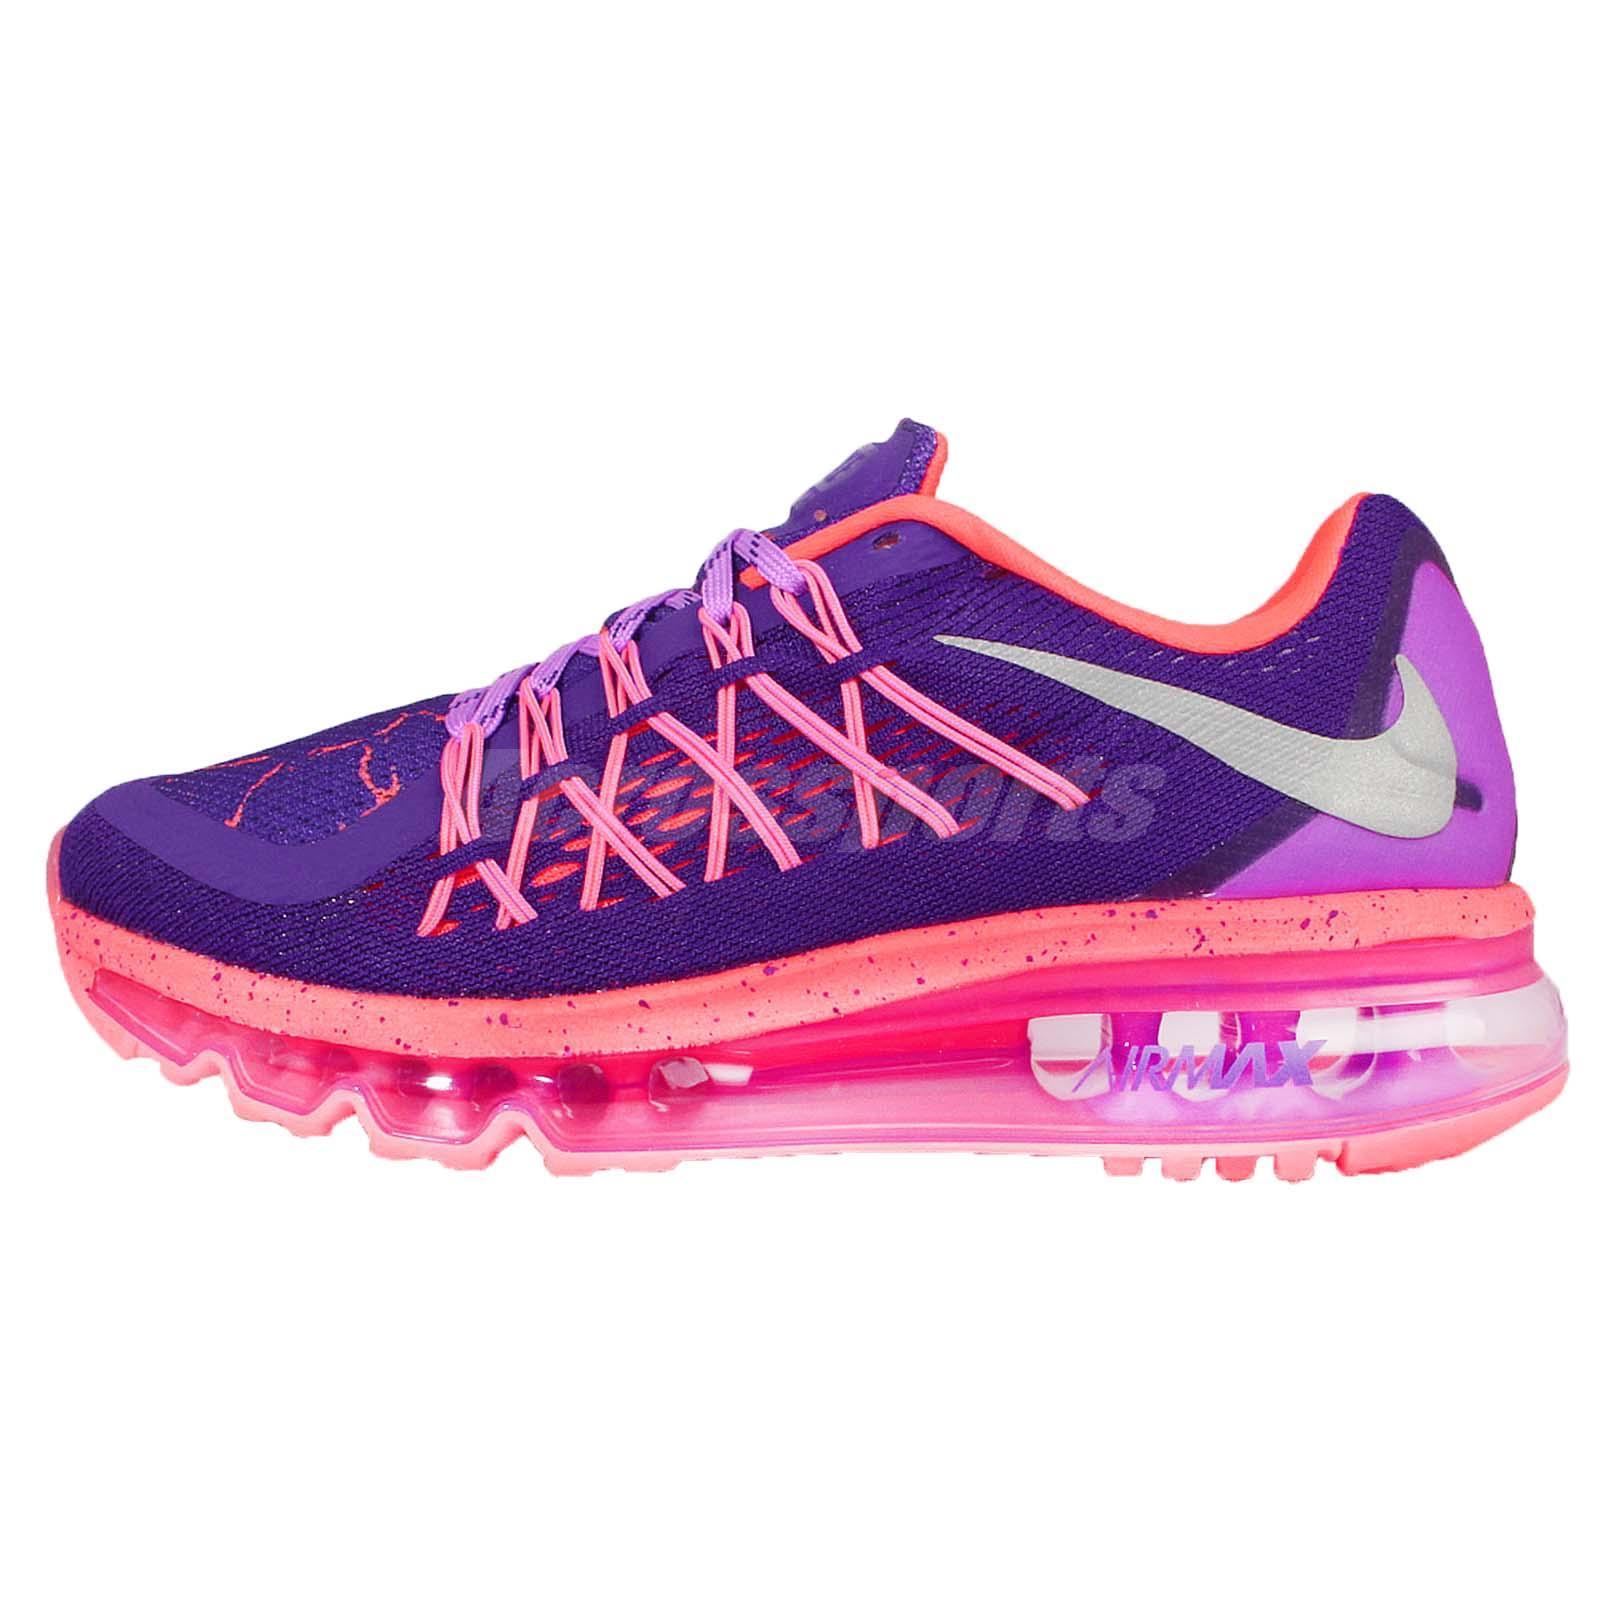 2015 Nike Air Max Purple